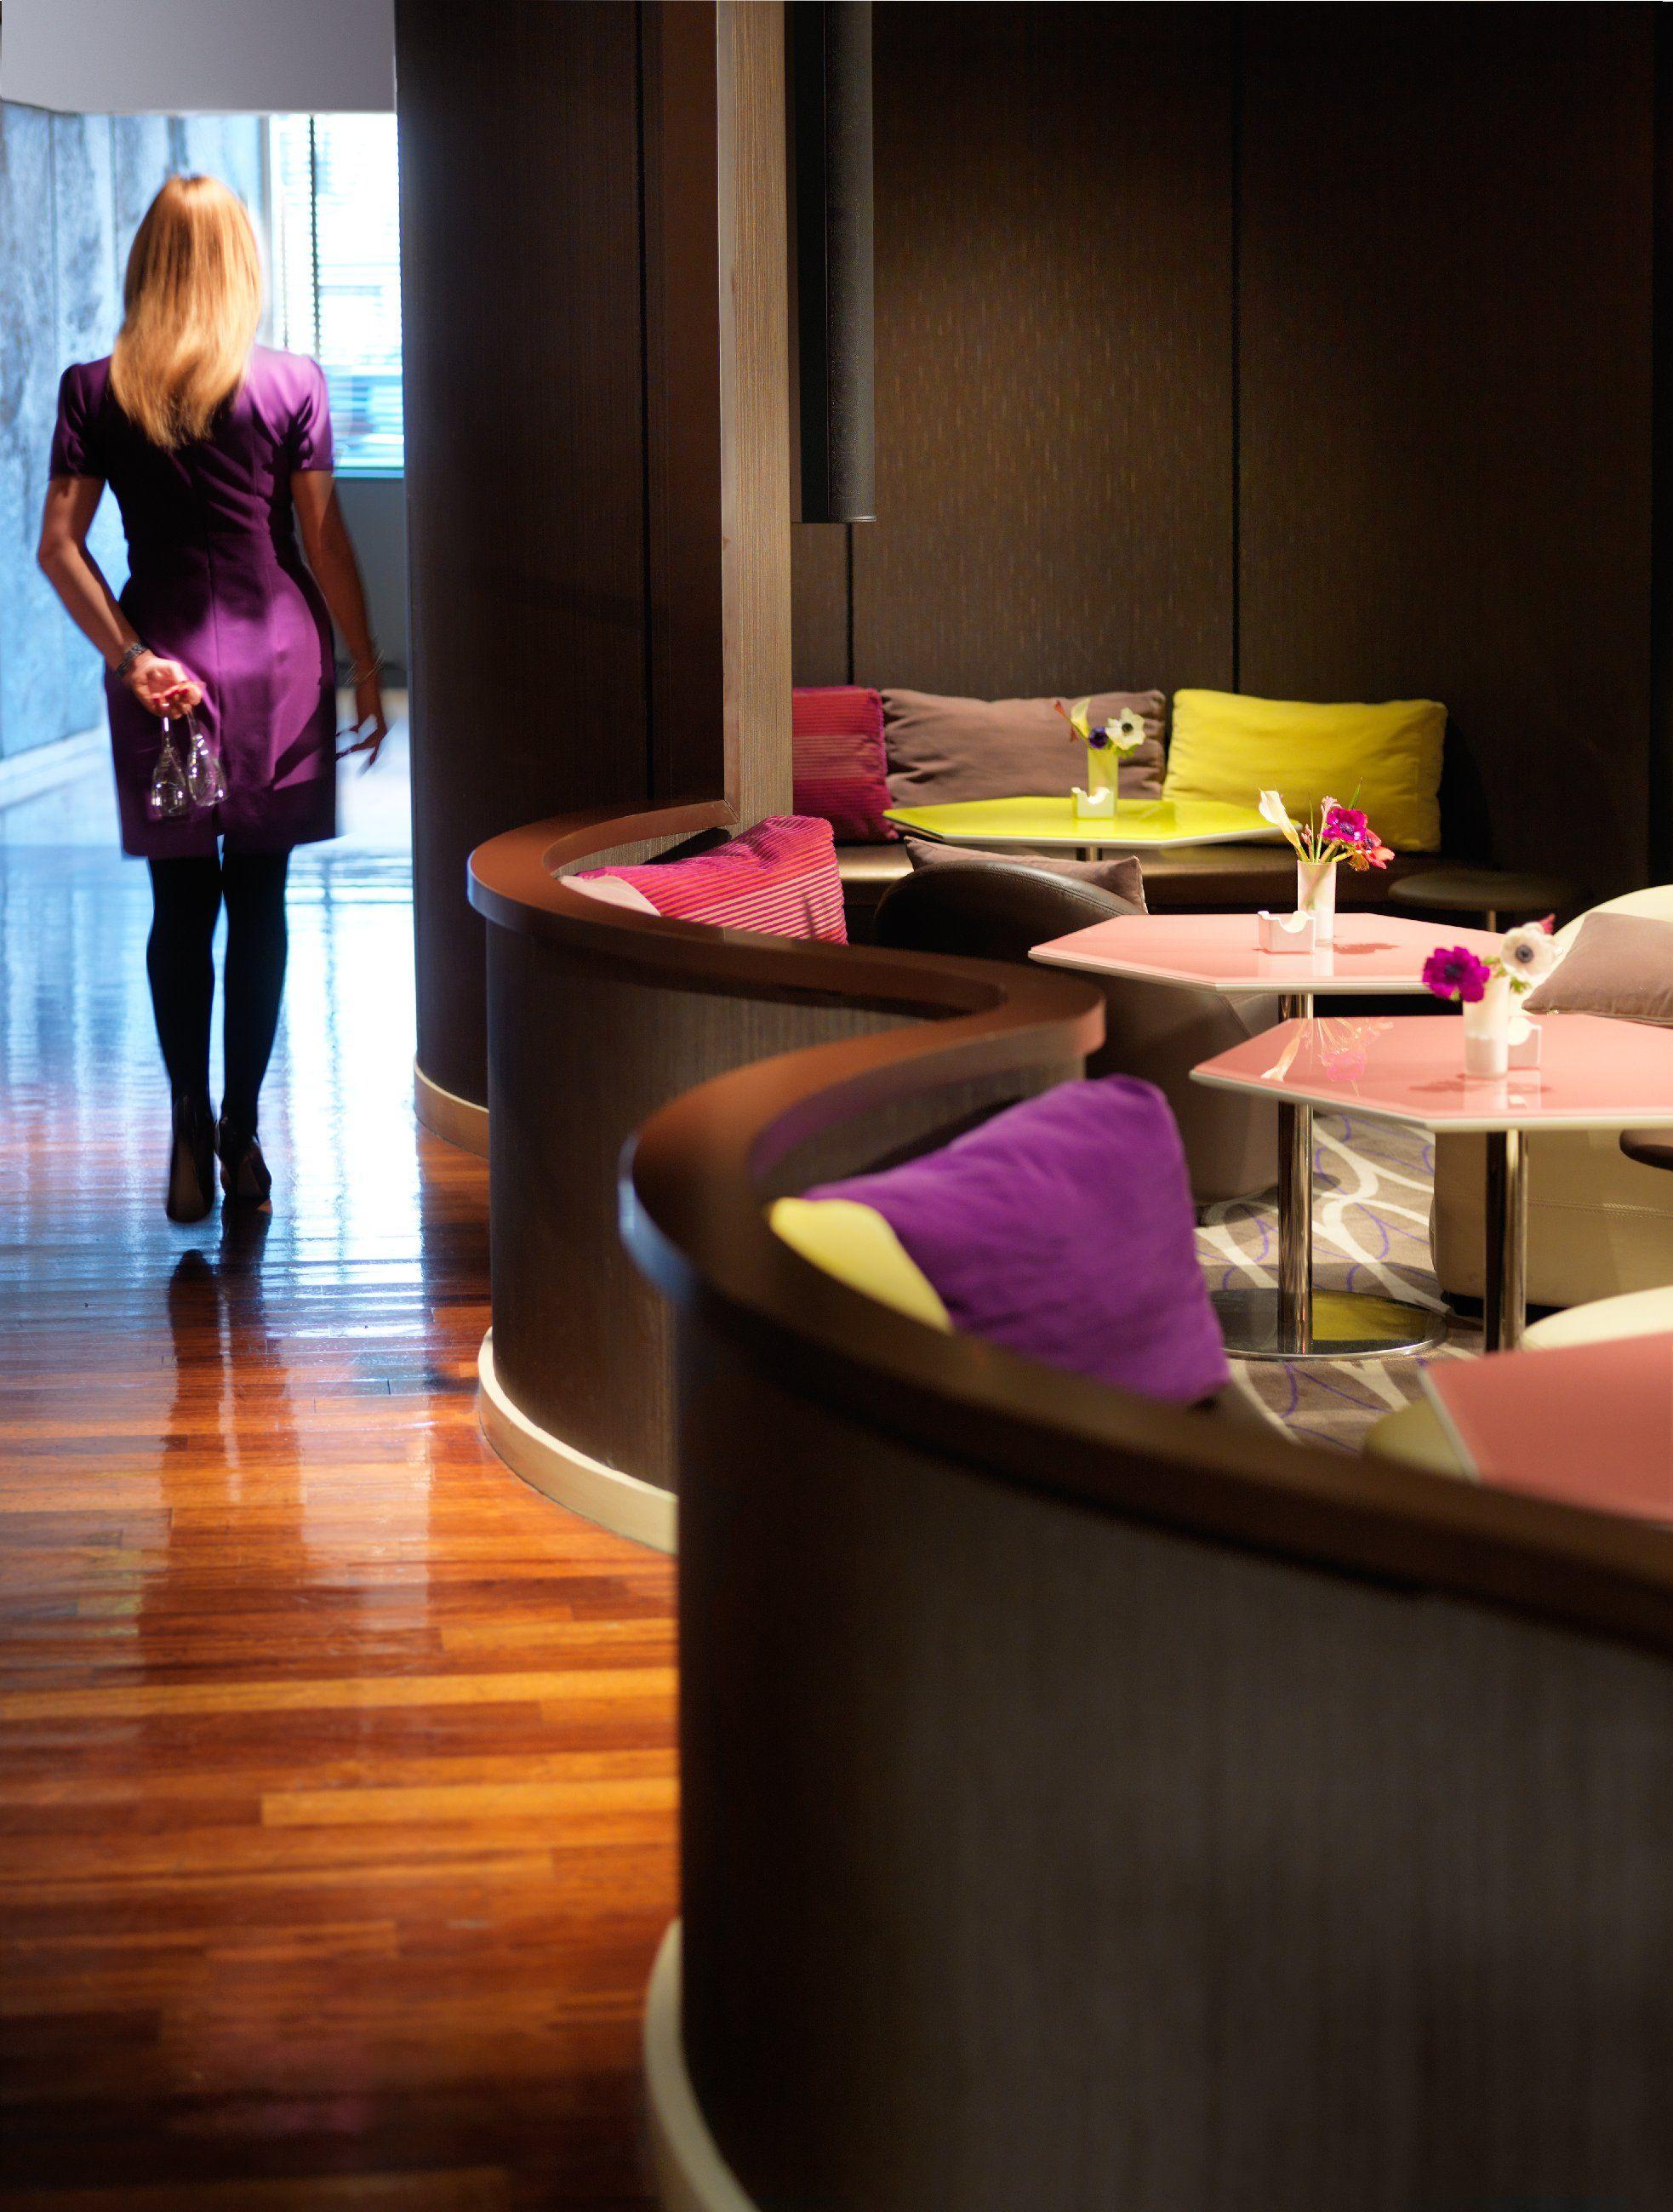 Hyatt Regency Paris Etoile - Bar La Fayette #drinks #relax